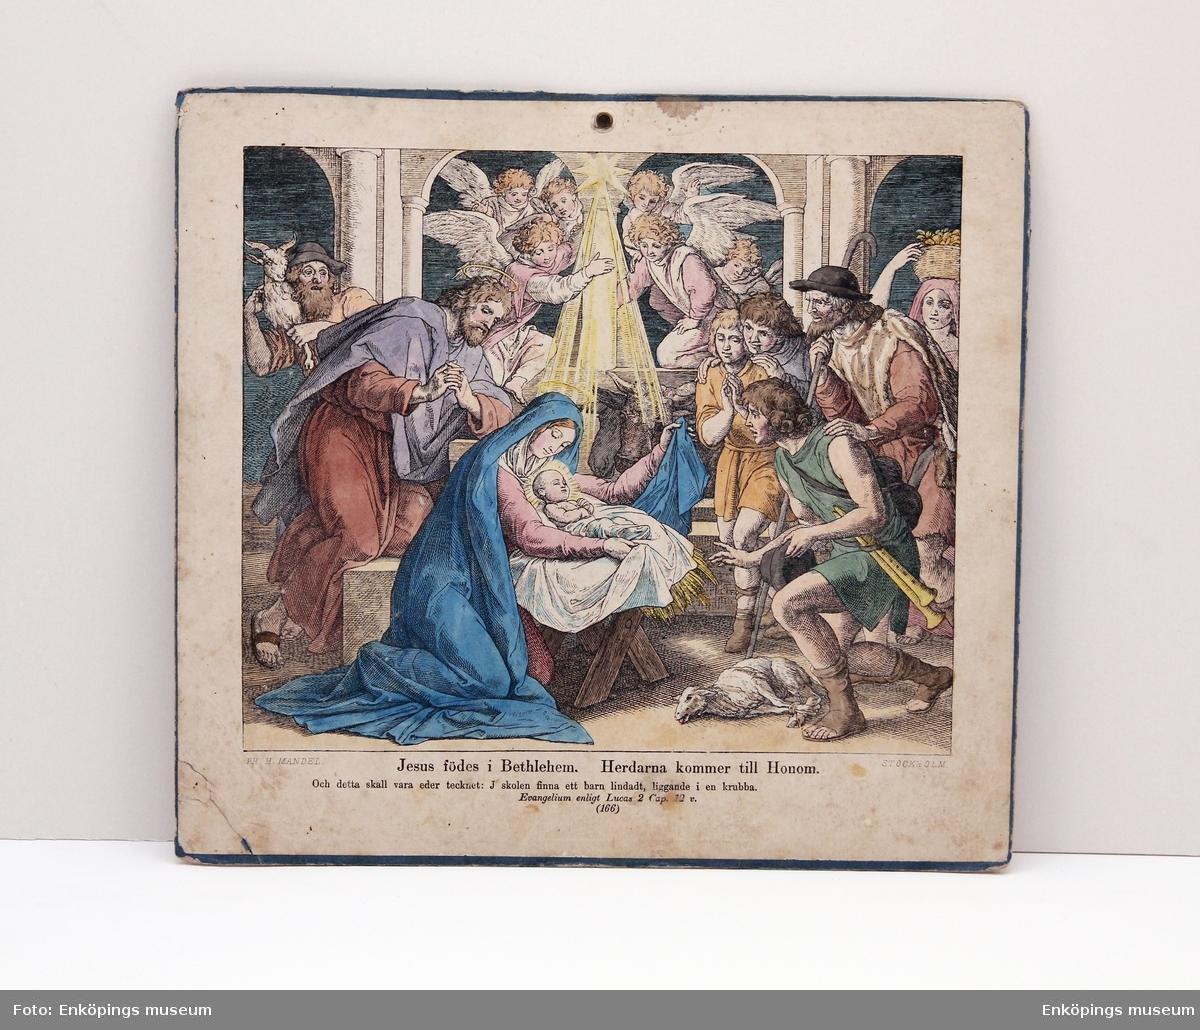 Plansch med religiöst motiv dubbelsidig. På den ena sidan Jesus födelse i Bethlehem, herdarna kommer till honom, på den andra sidan Christi födelse förkunnas för herdarna.